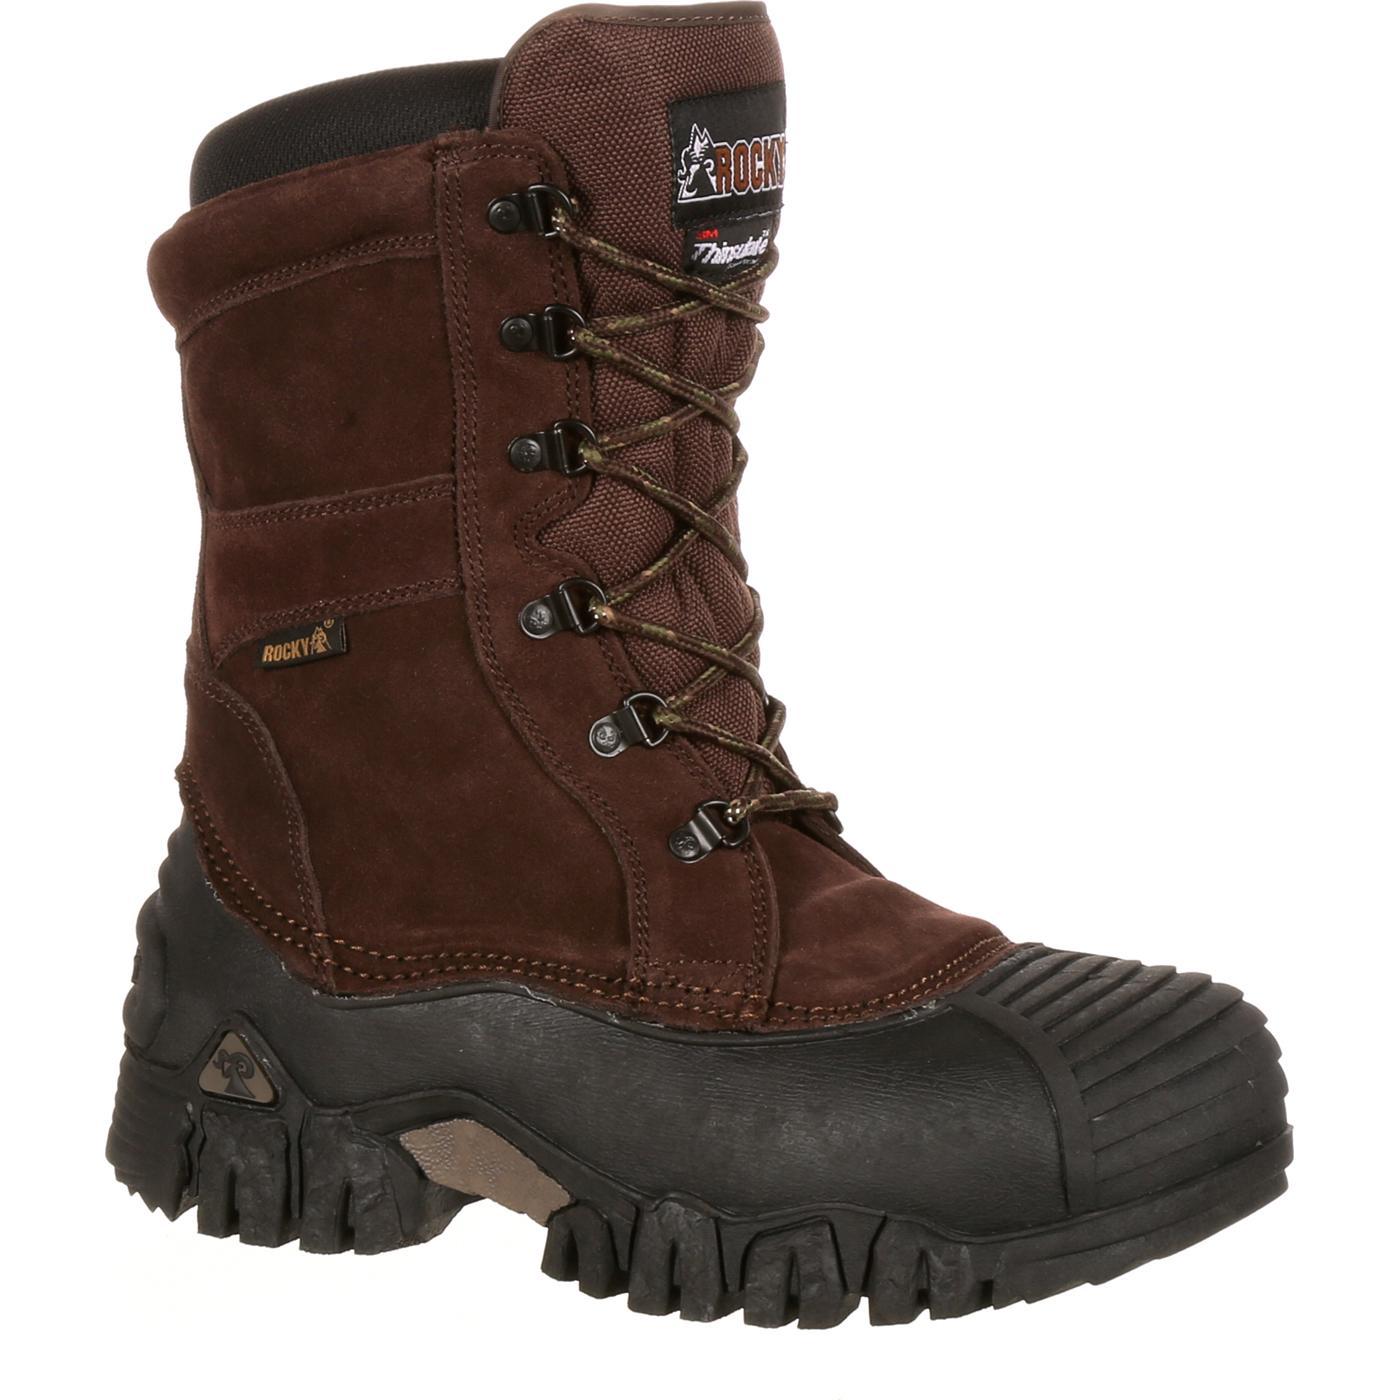 Rocky Jasper Trac men's insulated waterproof outdoor boot